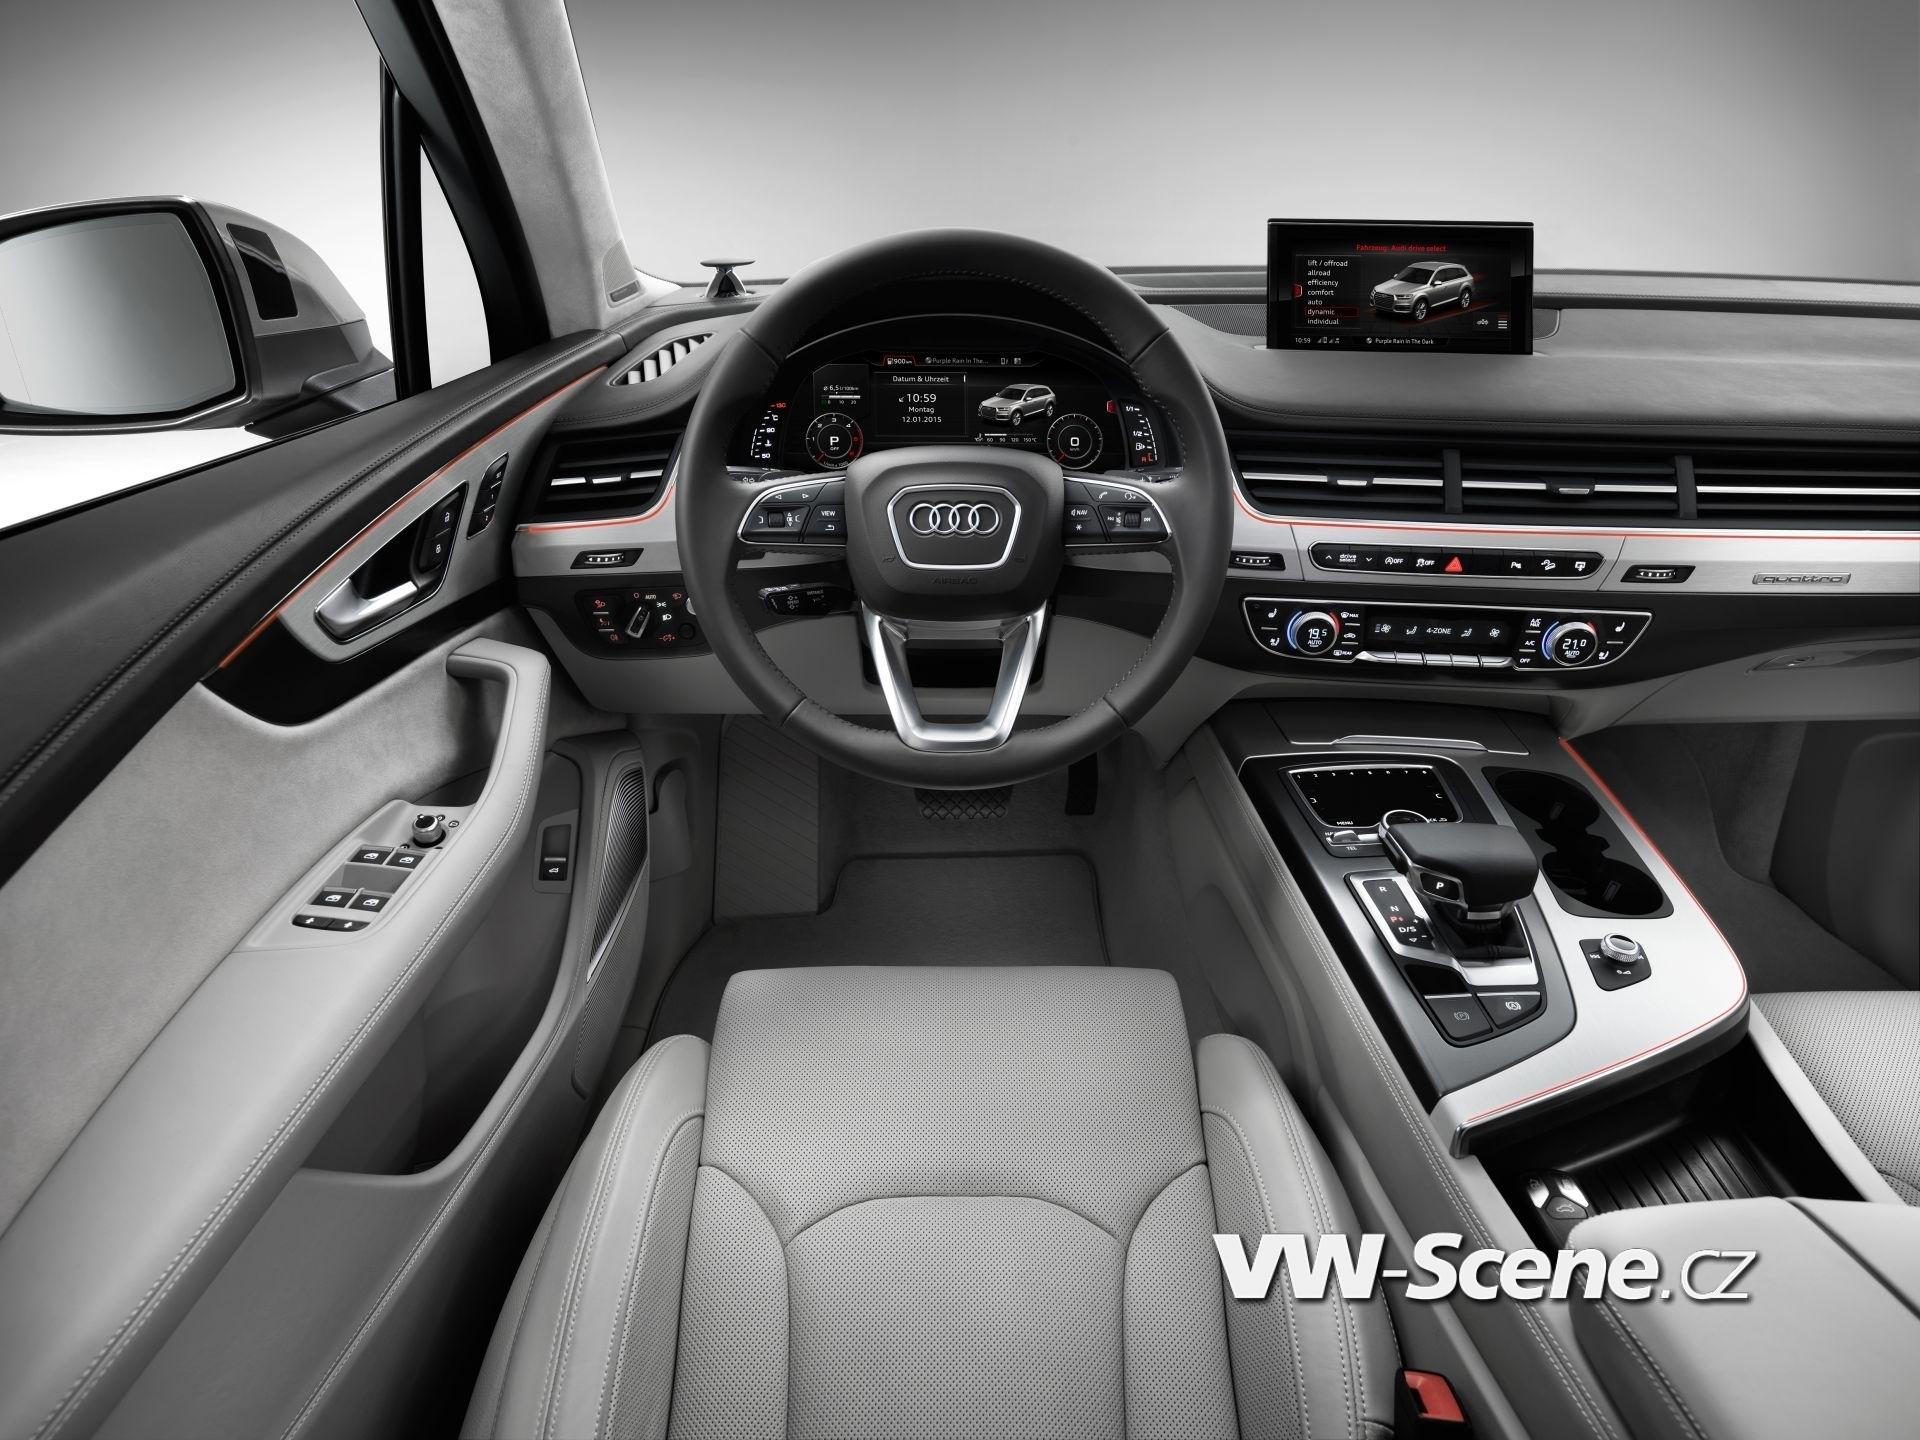 Mit seinem Angebot an Fahrerassistenzsystemen setzt der neue Audi Q7 Massstaebe, die ueber die Standards in seinem Segment hinausreichen; einige Systeme sind von Grund auf neu entwickelt. Kein anderes Serienauto der Welt bietet aktuell mehr. Ein Highlight ist das umfassende Portfolio an neuen Fahrerassistenzsystemen bis hin zur adaptive cruise control mit Stauassistent. Diese haelt den Q7 durch Beschleunigen und Verzoegern auf dem gewuenschten Abstand zum Vordermann. Wenn sie deaktiviert ist, zeigt sie die Distanz an. In der Top-Ausbaustufe, als ACC Stop & Go inklusive Stauassistent, uebernimmt das System auf gut ausgebauten Strassen auch die Lenkarbeit, solange der Verkehr zaehfluessig ist und das Tempo nicht mehr als 65 km/h betraegt. Serie sind die Einparkhilfe hinten, die Geschwindigkeitsregelanlage, der einstellbare Geschwindigkeitsbegrenzer, die Pausenempfehlung und das Sicherheitssystem Audi pre sense city. Bei Stadt-Tempo warnt es den Fahrer vor drohenden Kollisionen mit anderen Fahrzeugen und Fussgaengern, im Notfall veranlasst es eine starke Bremsung. Die Options-Loesungen sind in den Paketen ?Parken?, ?Stadt? und ?Tour? gebuendelt. Das Paket ?Parken? enthaelt die Umgebungskameras und den Parkassistent, der das Auto selbsttaetig rueckwaerts in Laengs- und Querparkluecken steuert. Der Fahrer muss nur noch bremsen und Gas geben. Das Paket ?Stadt? umfasst neue Systeme: Der Querverkehrsassistent warnt den Fahrer vor anderen Fahrzeugen, wenn er langsam rueckwaerts faehrt, etwa beim Heraussetzen aus einer Querparkluecke. Die Ausstiegswarnung weist vor dem Oeffnen der Tuer auf Fahrzeuge oder Fahrraeder hin, die sich von hinten naehern. Im Paket ?Tour? stecken weitere Innovationen von Audi.     Audi Q7  Cockpit    Verbrauchsangaben Audi Q7:Kraftstoffverbrauch kombiniert in l/100 km: 8,3 - 5,7;CO2-Emission kombiniert in g/km: 183 - 149